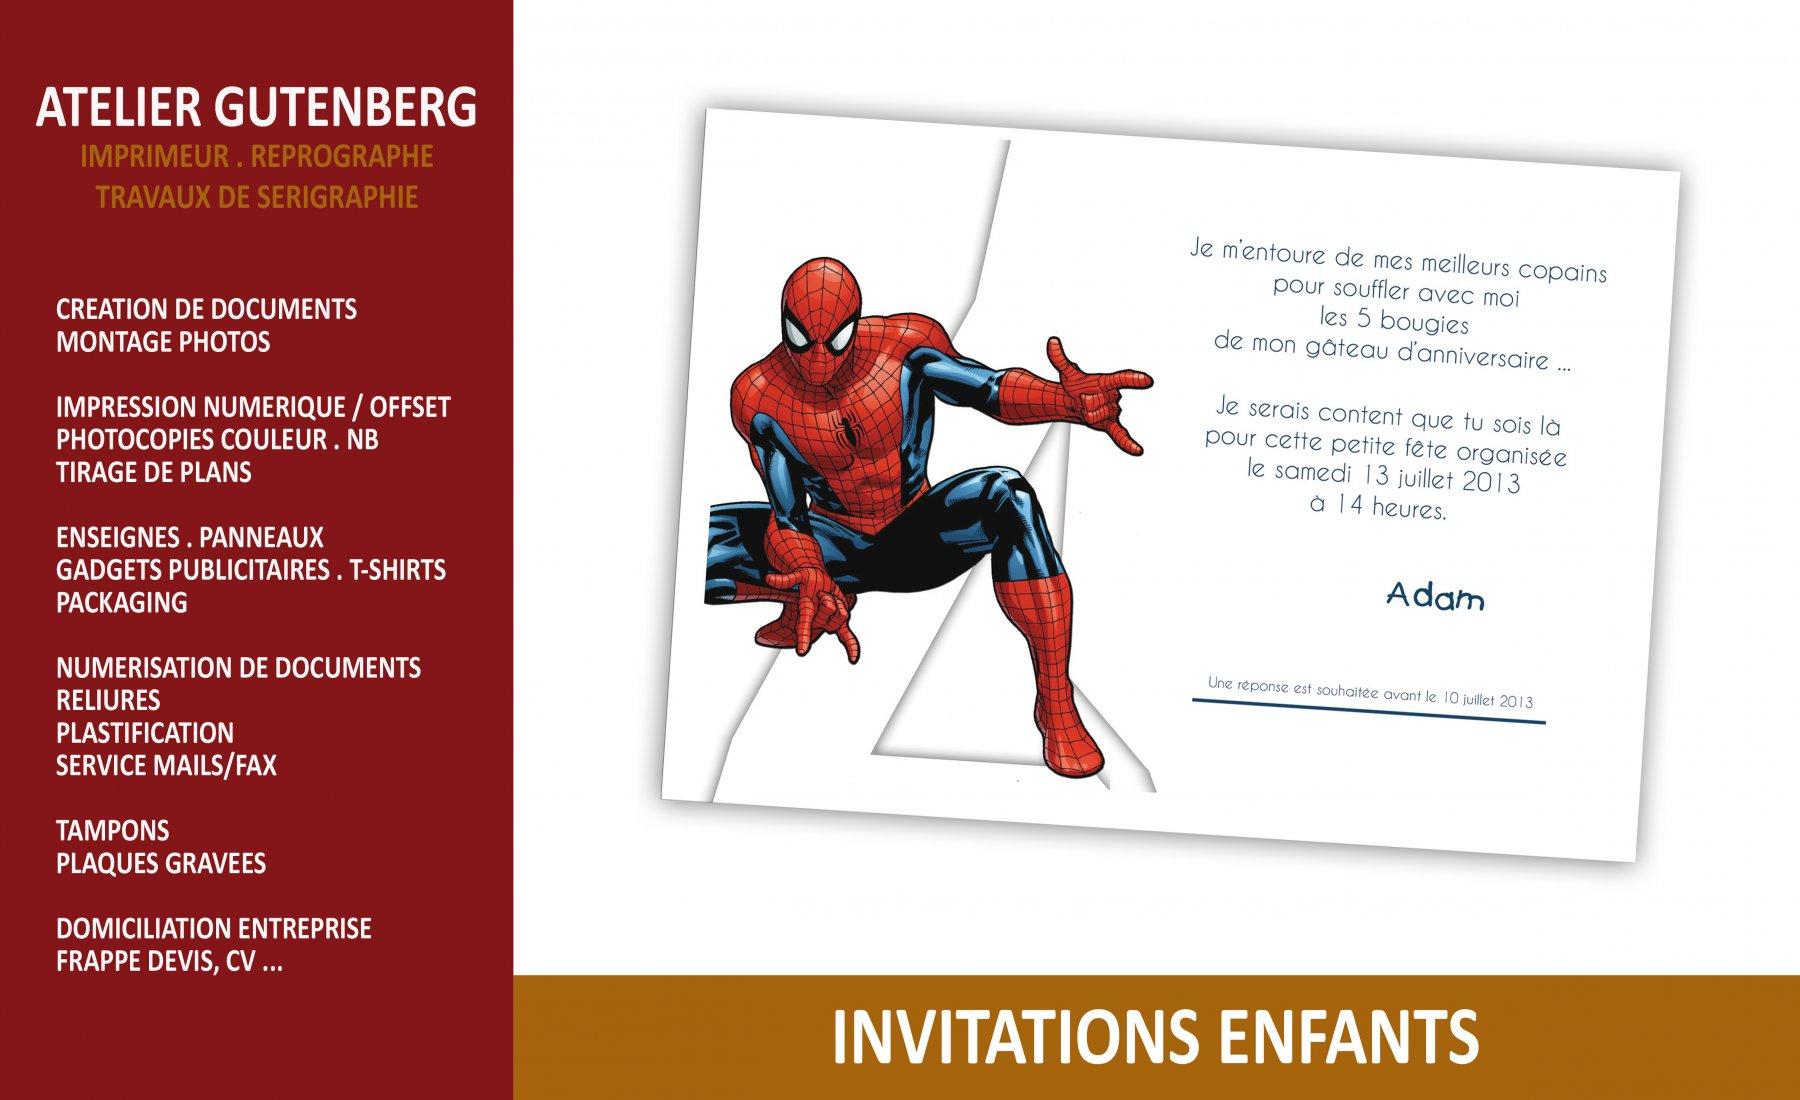 atelier gutenberg invitation enfant pour un aniversaire impression numérique couleur sur un support 250 gr.